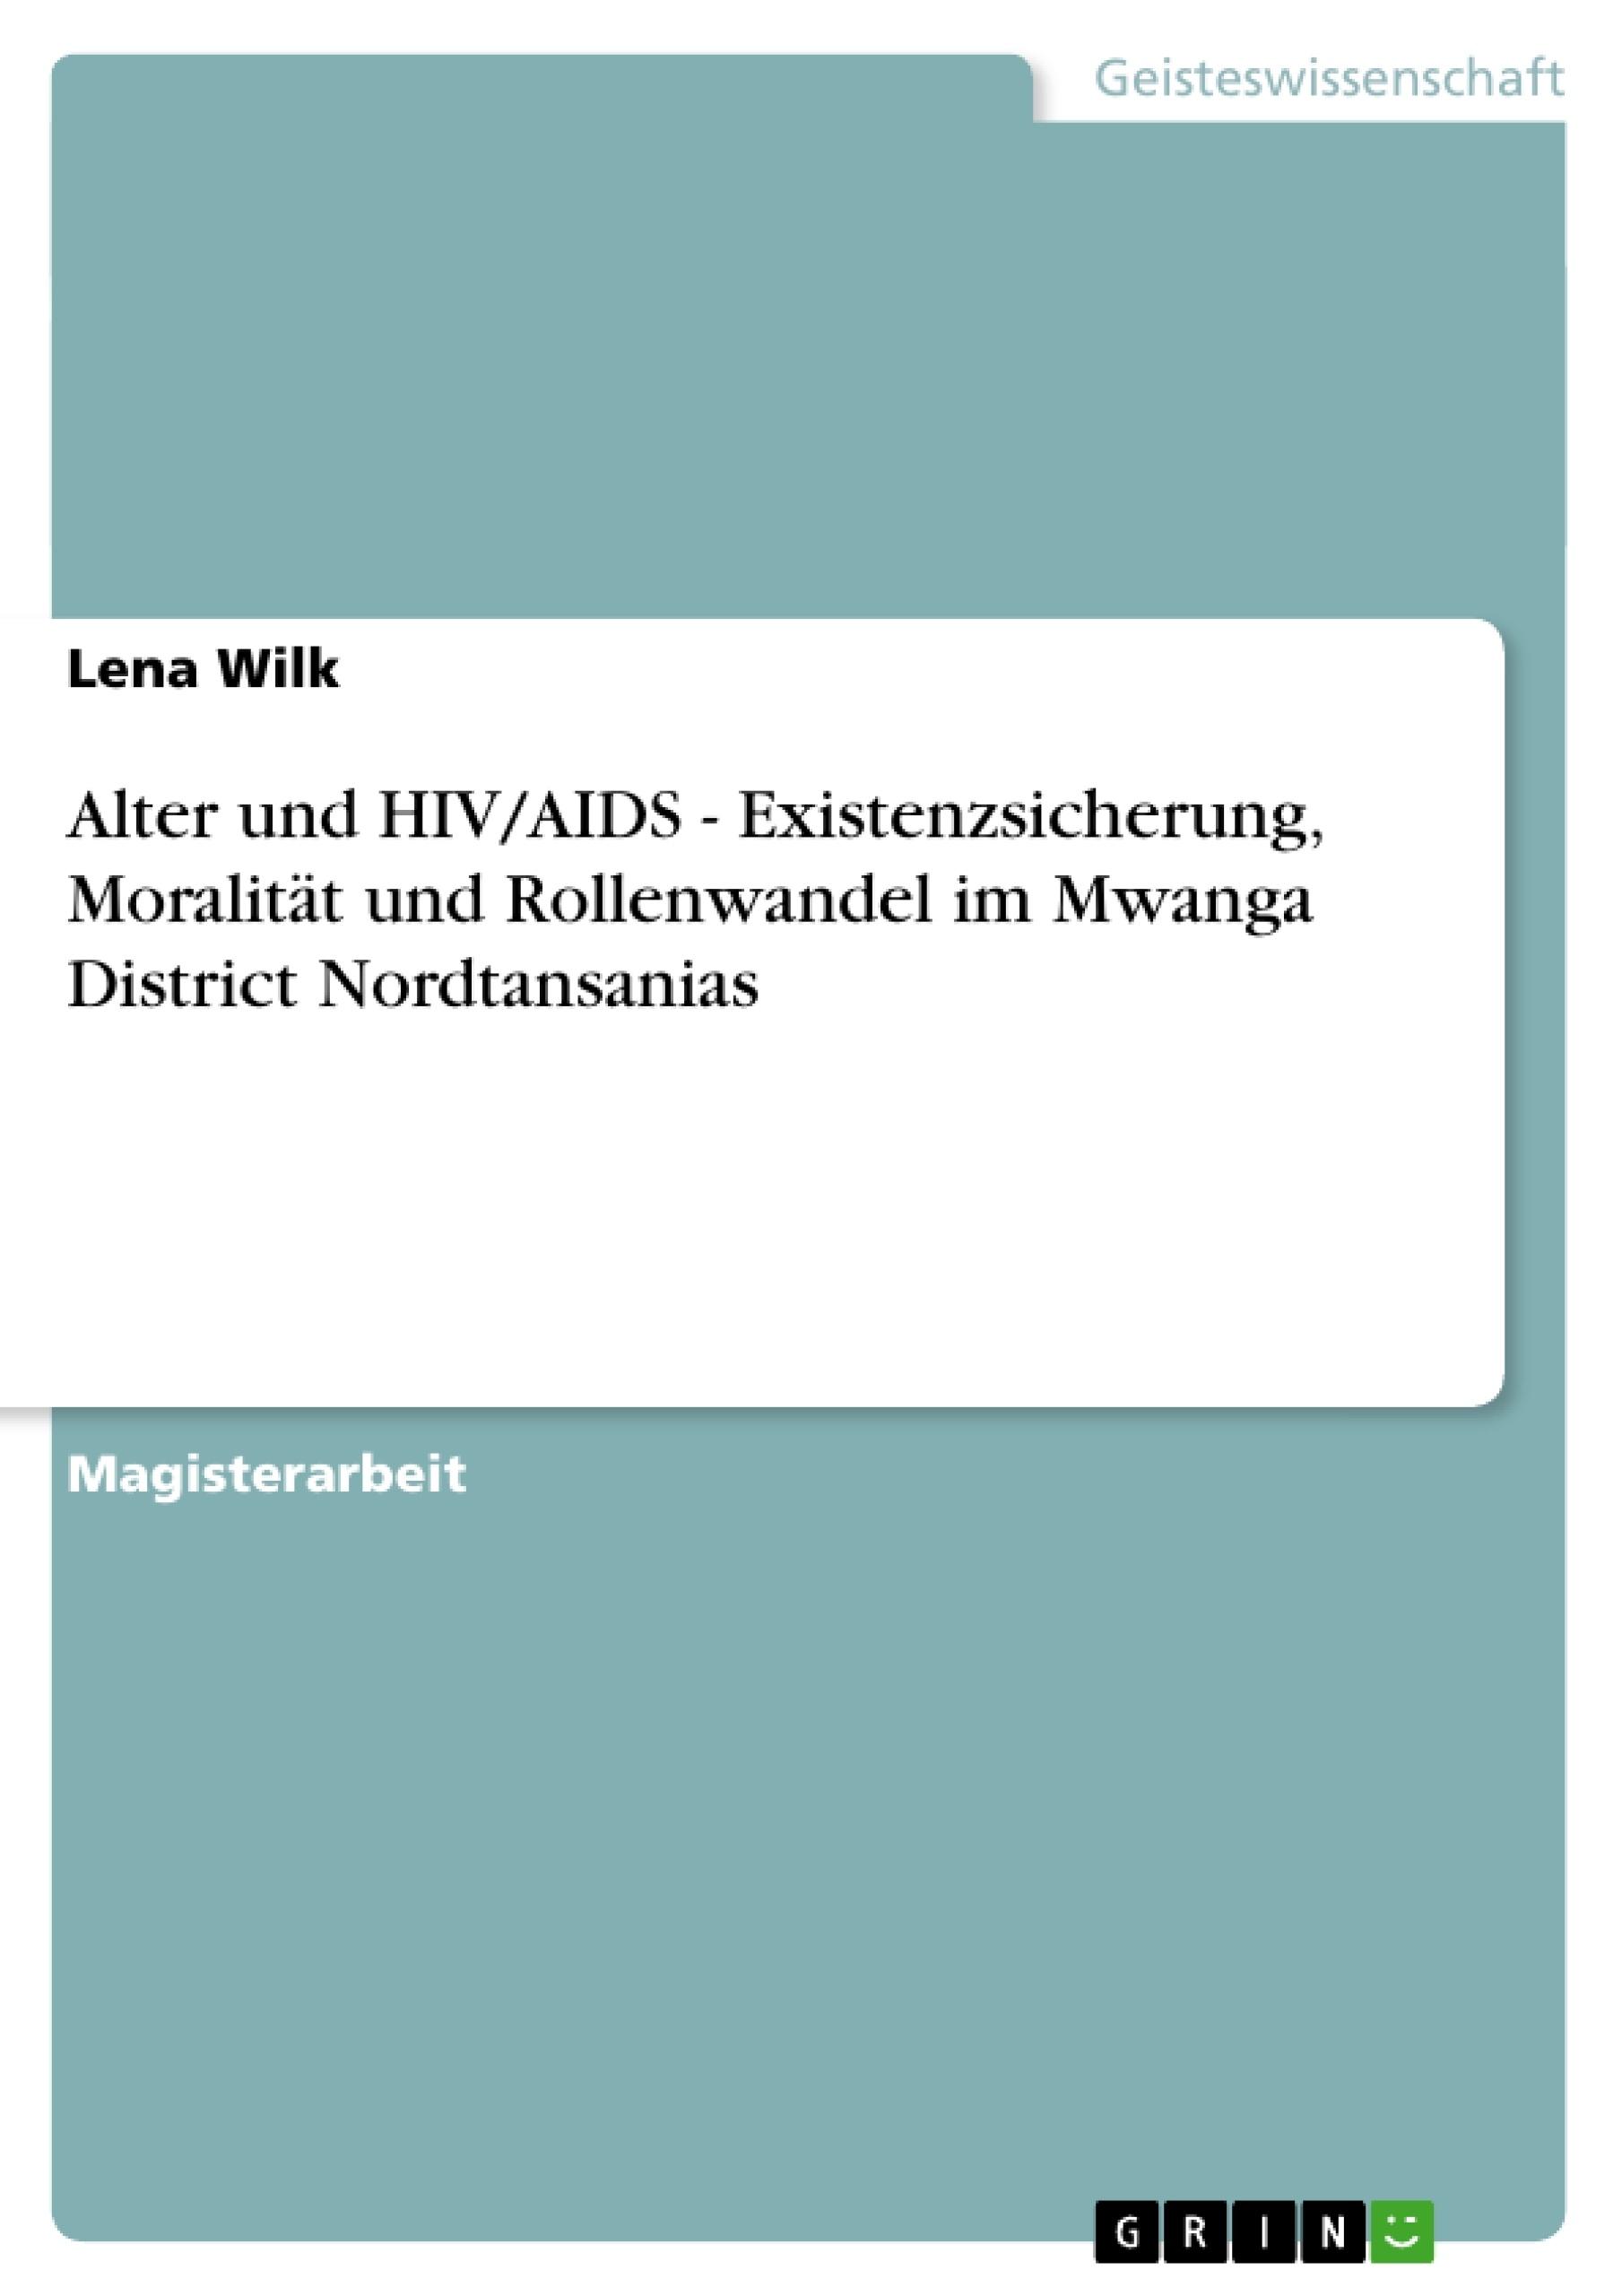 Titel: Alter und HIV/AIDS - Existenzsicherung, Moralität und Rollenwandel im Mwanga District Nordtansanias